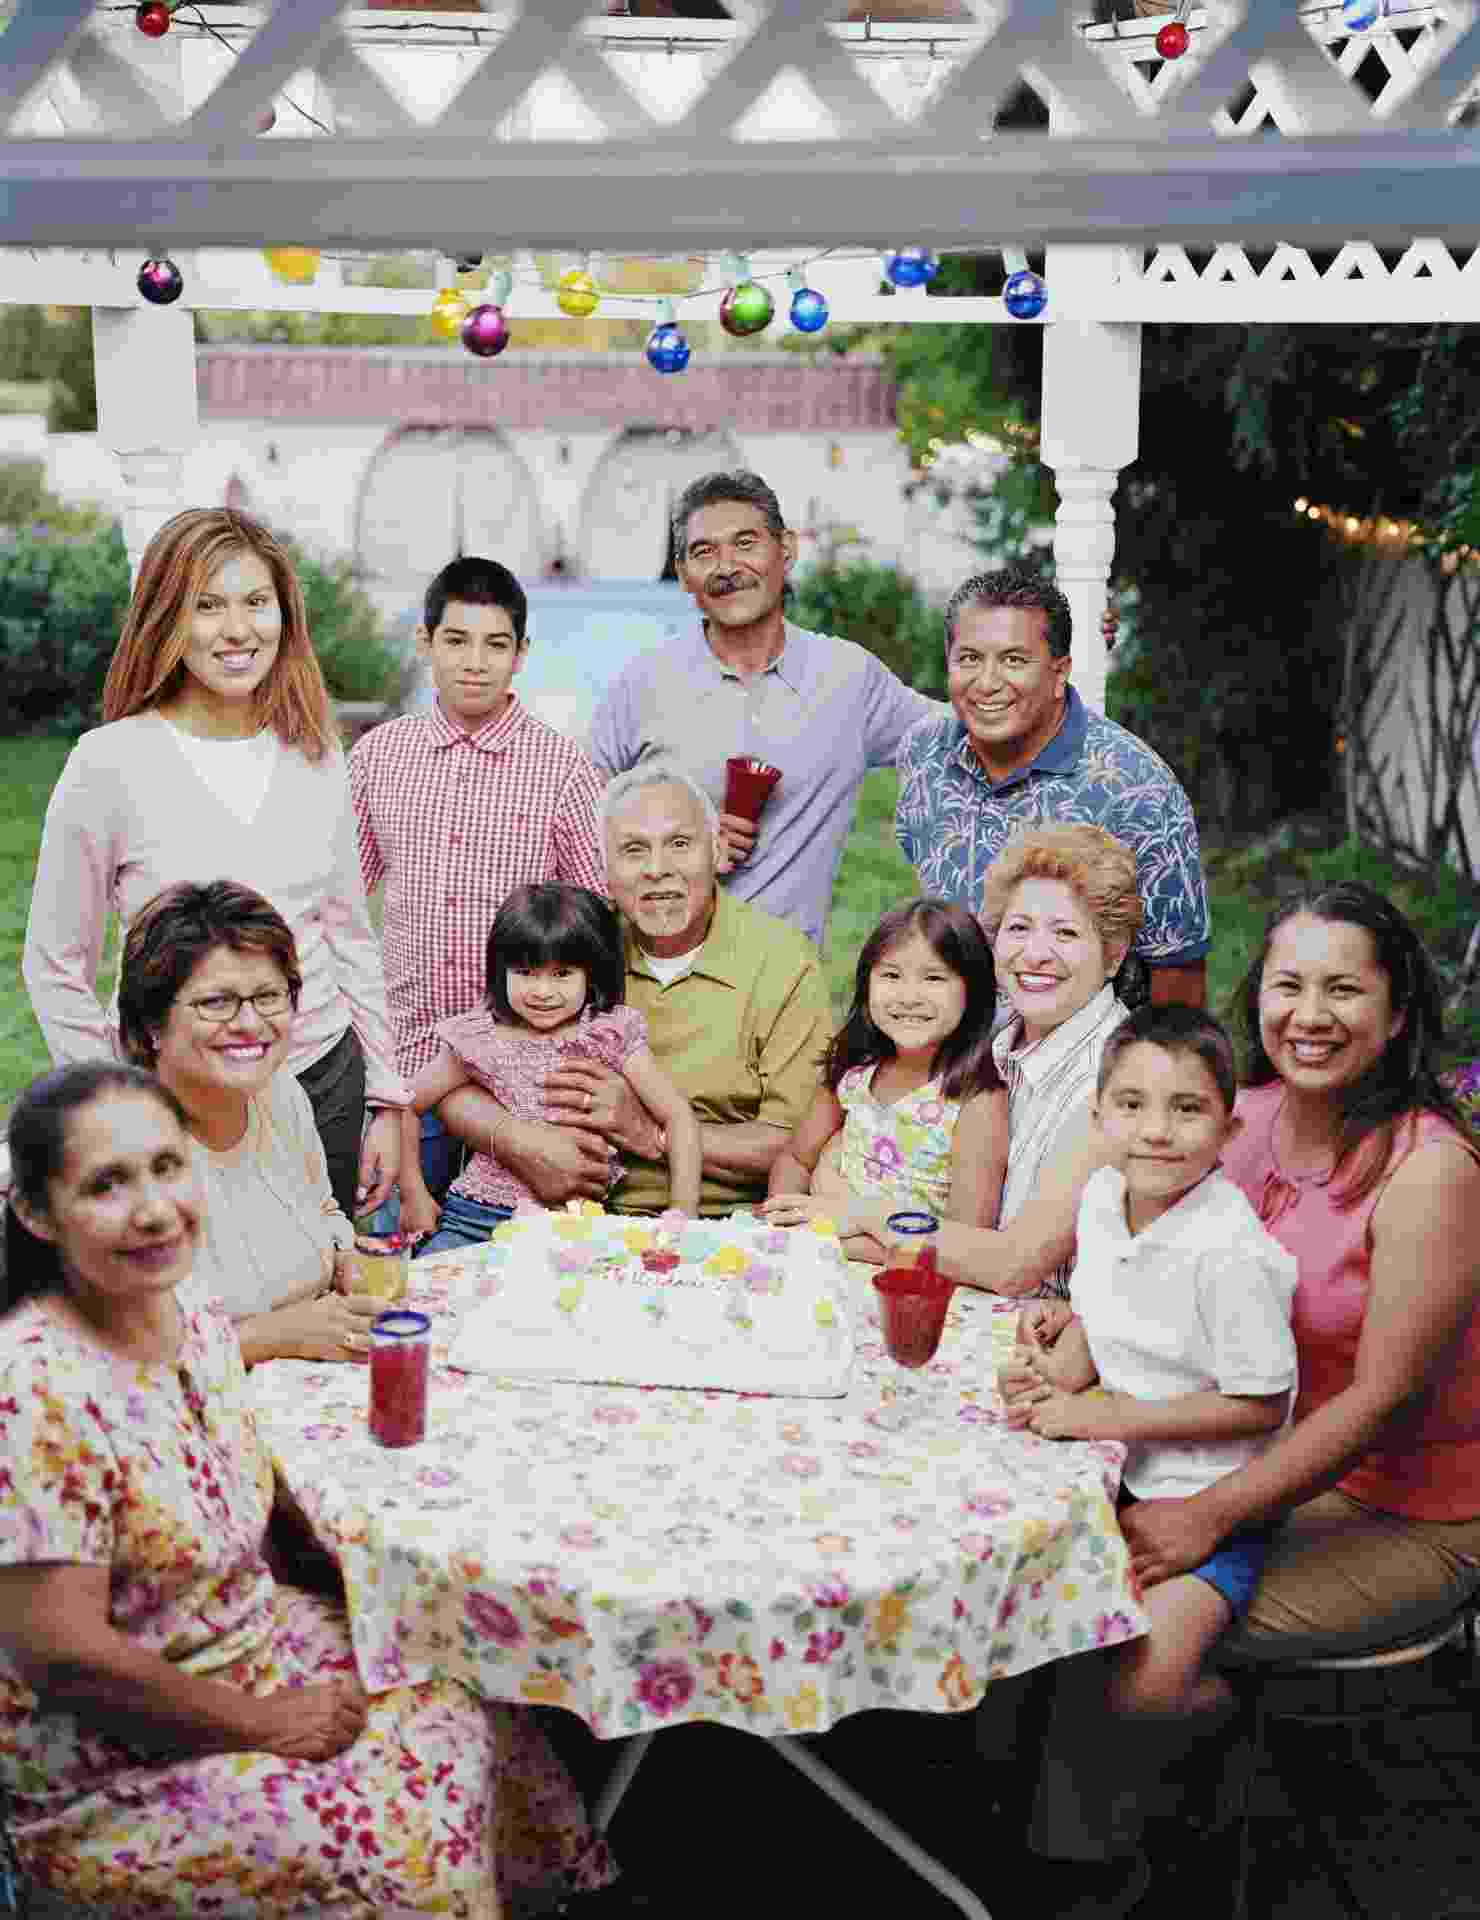 PARENTES DAS NOVELAS - Getty Images